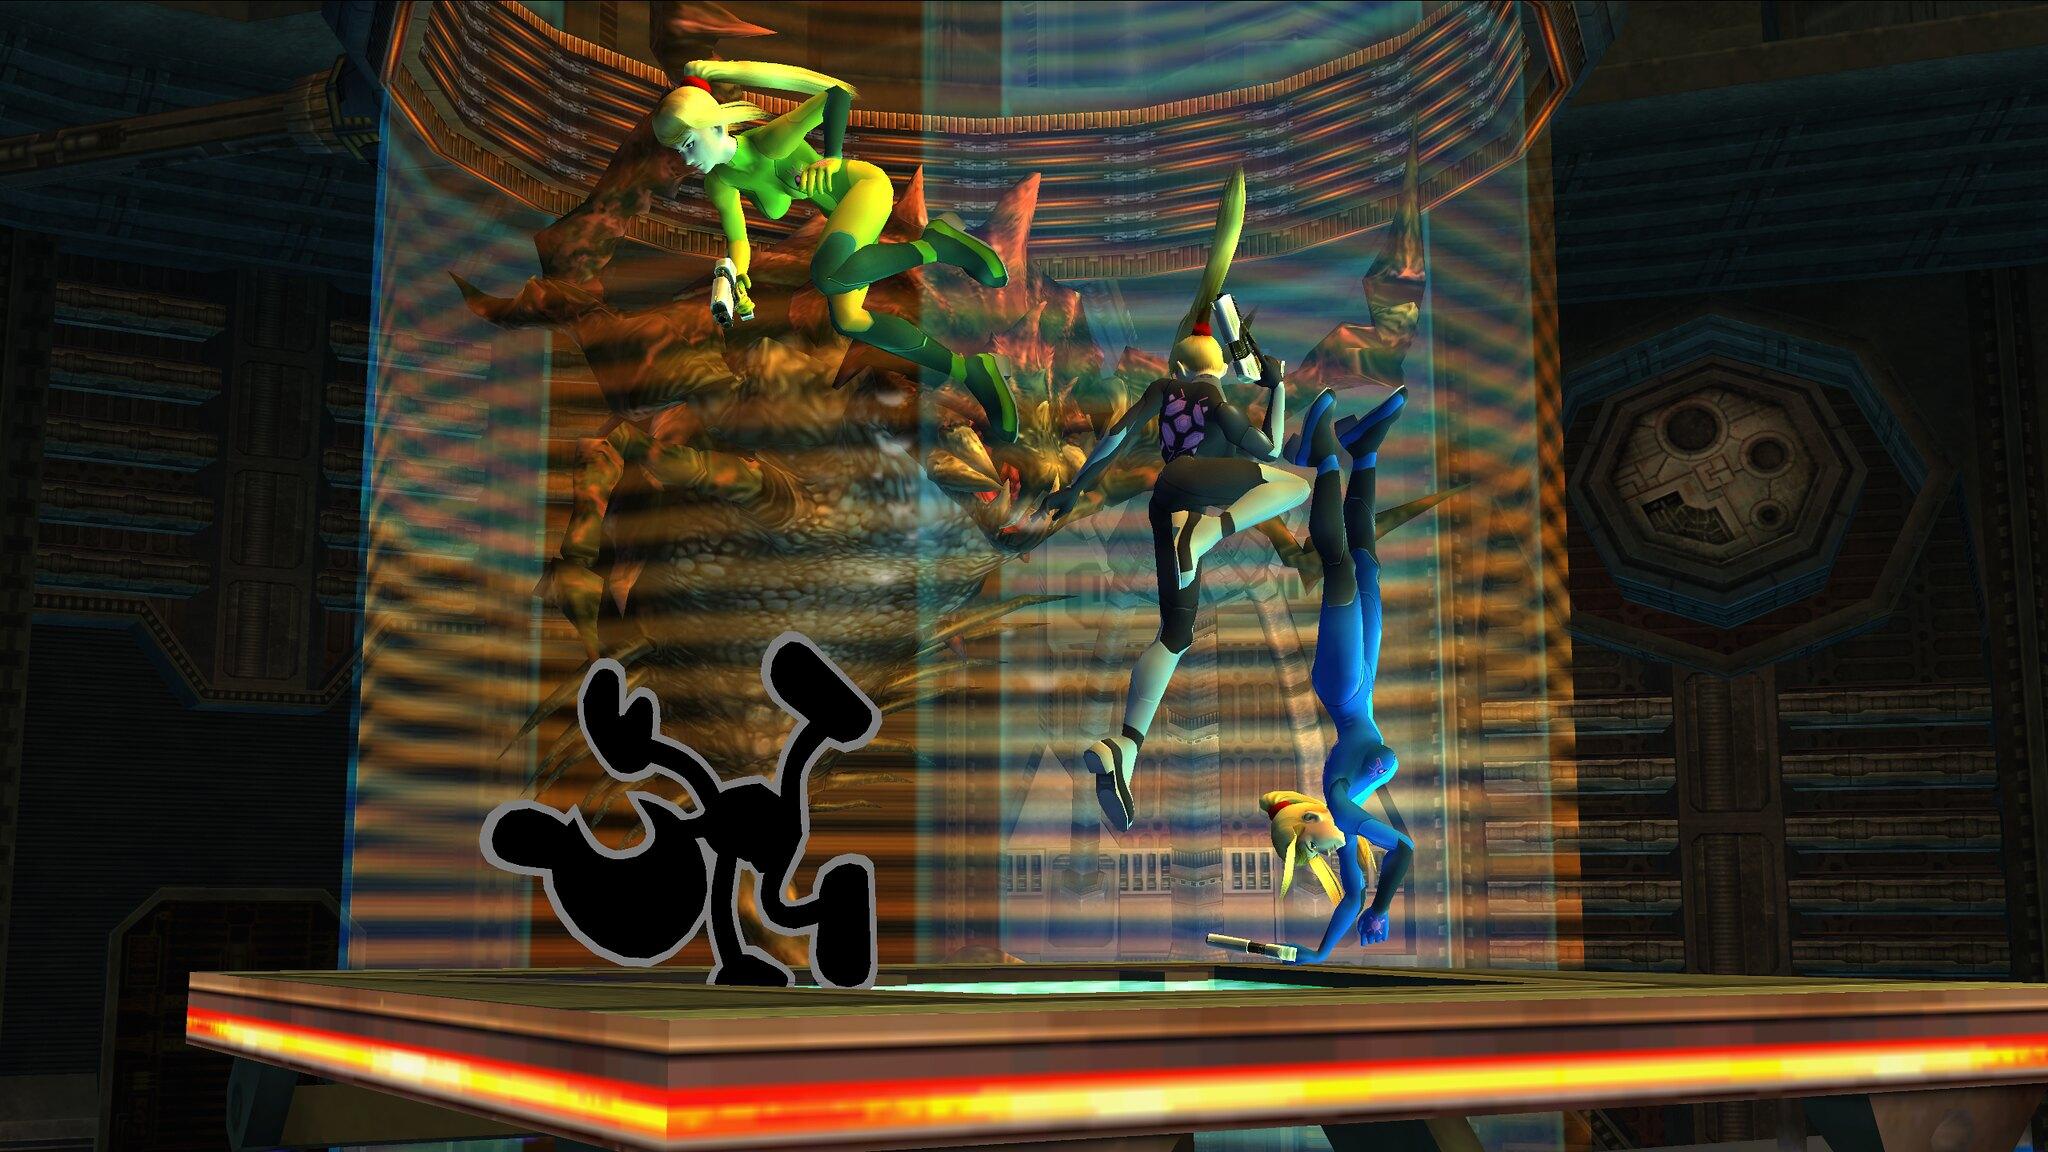 Super Smash Bros Brawl Zero Suit Samus Assualt Hd Wallpaper